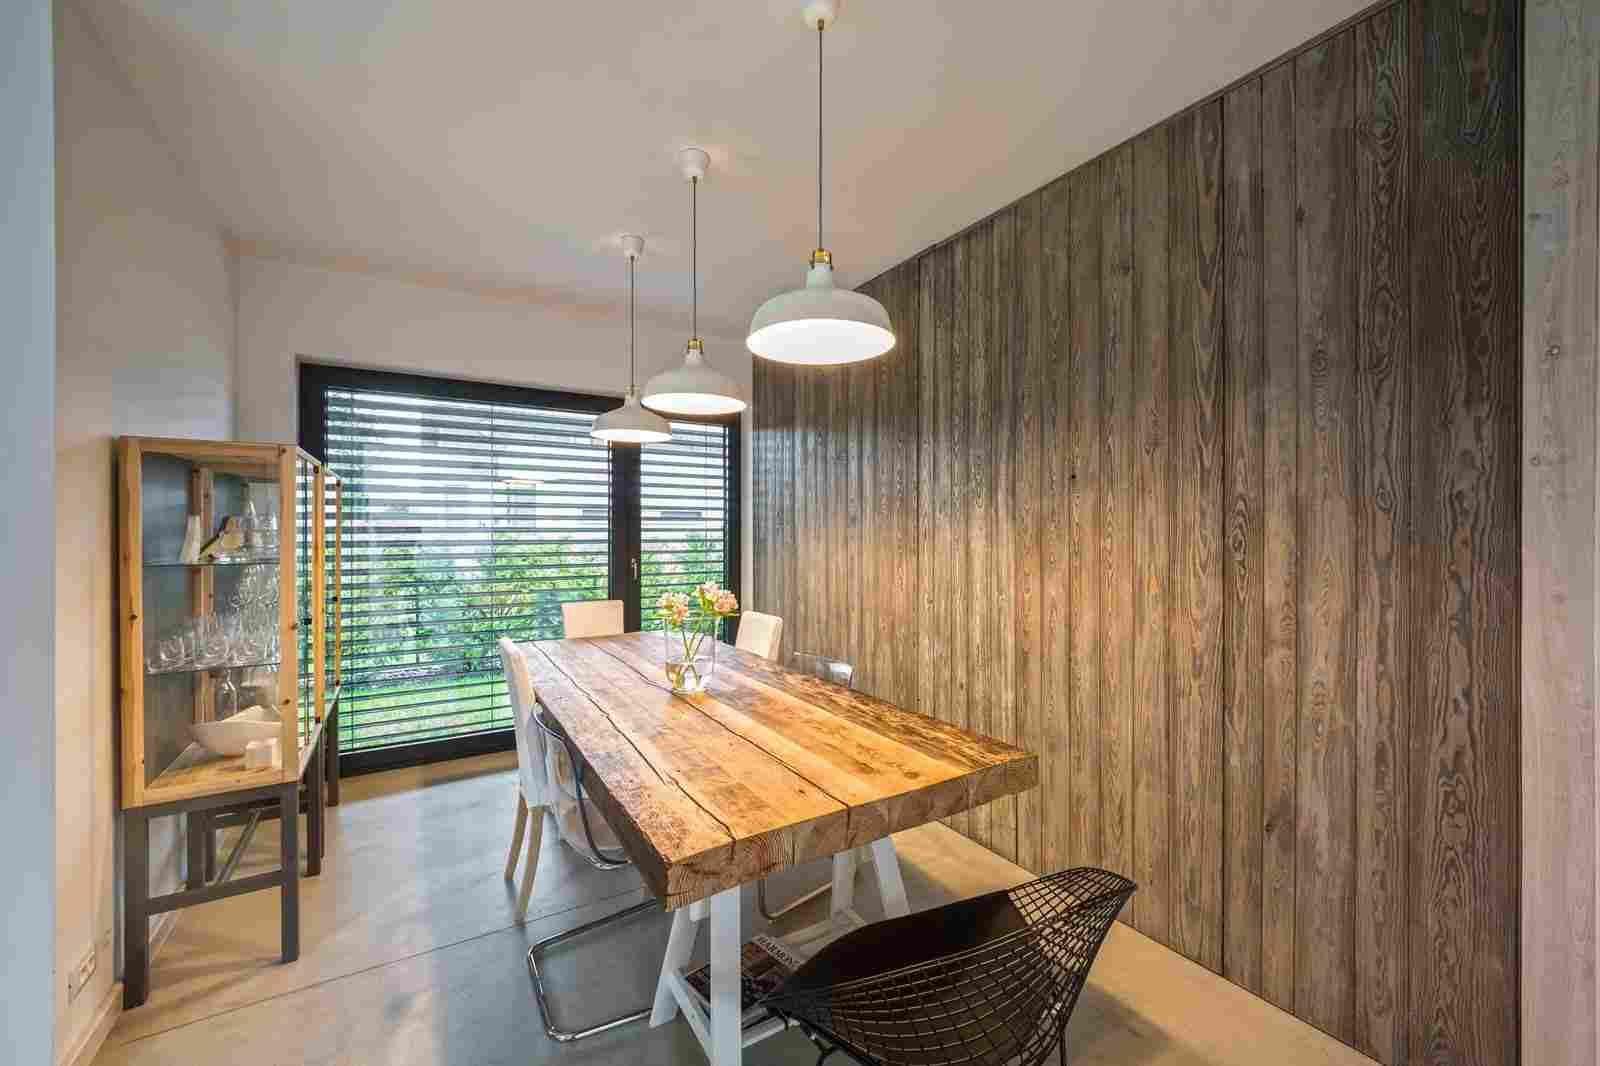 Ein rahmen zu hause design-ideen Семейная резиденция в Польше  Интерьеры  pinterest  haus heim